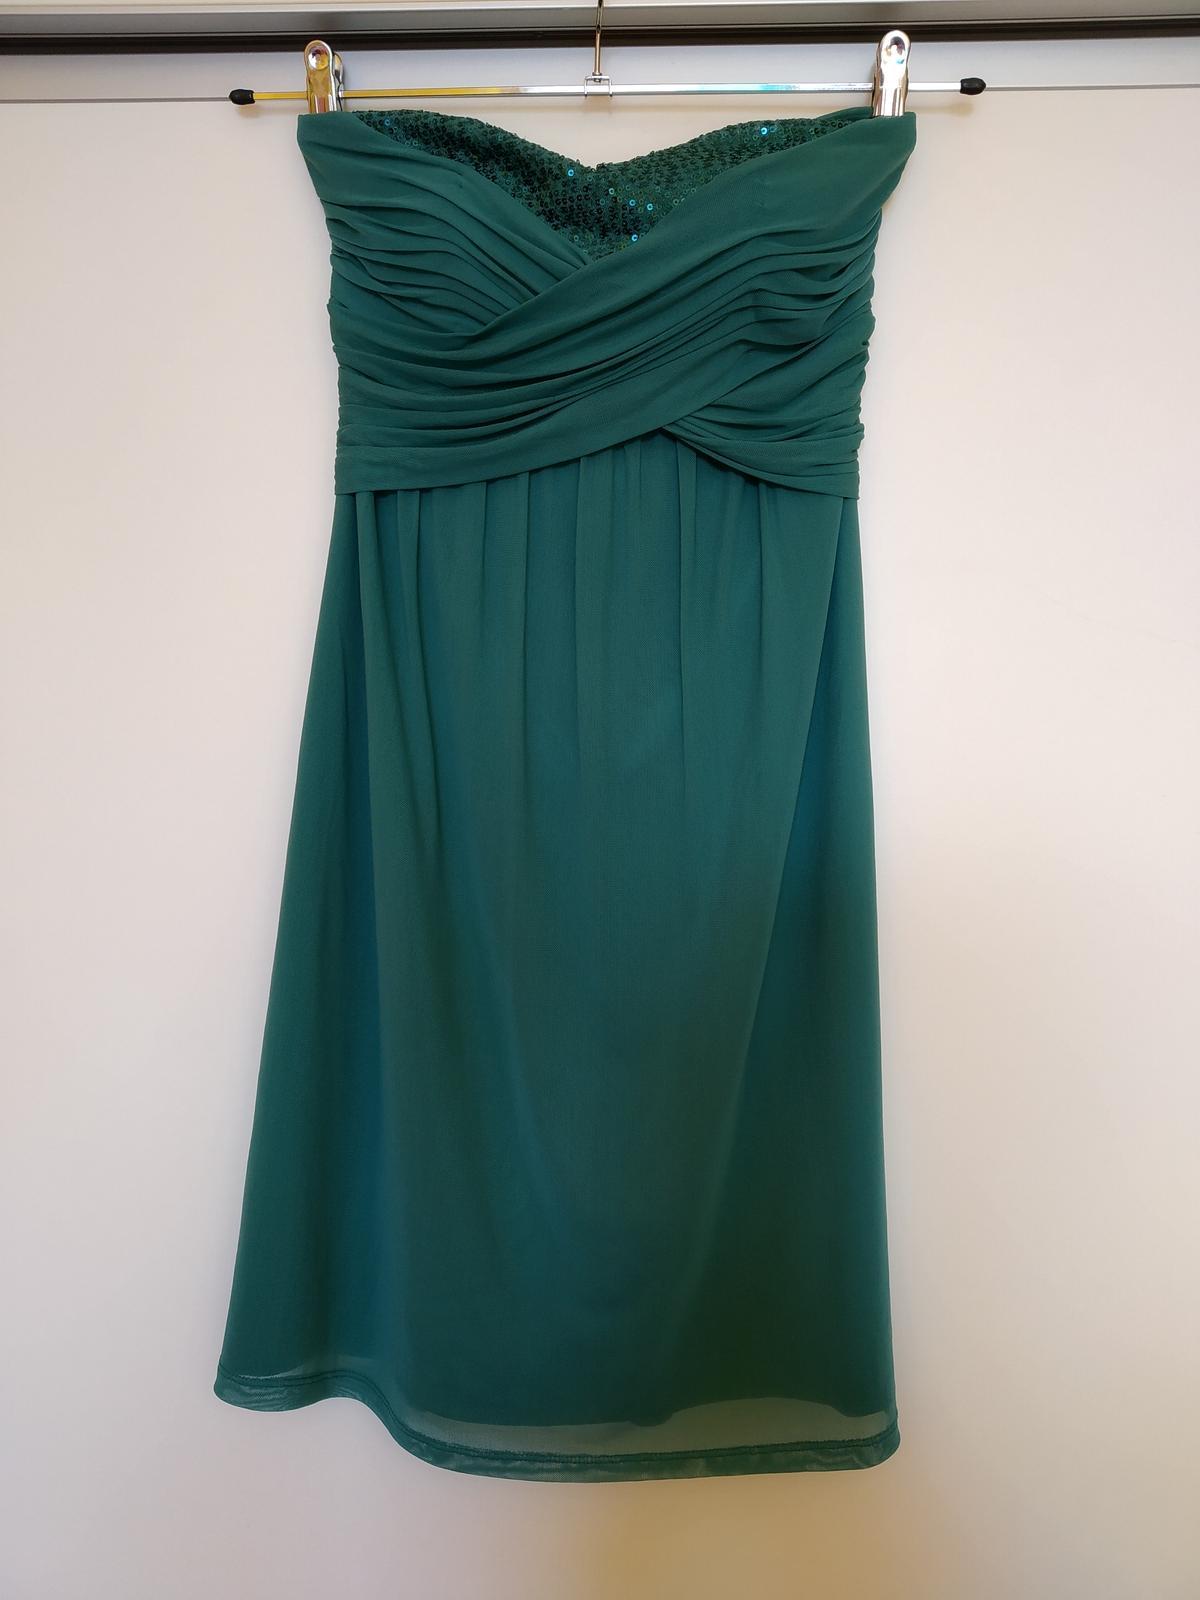 Zelené šaty Esprit - Obrázok č. 1